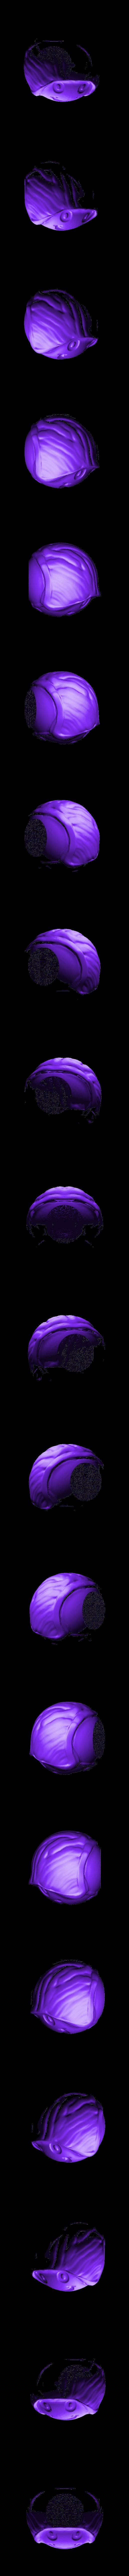 Peasant.stl Télécharger fichier STL gratuit Paysan dans le Royaume du Roi de l'Amusement • Modèle à imprimer en 3D, Thomllama